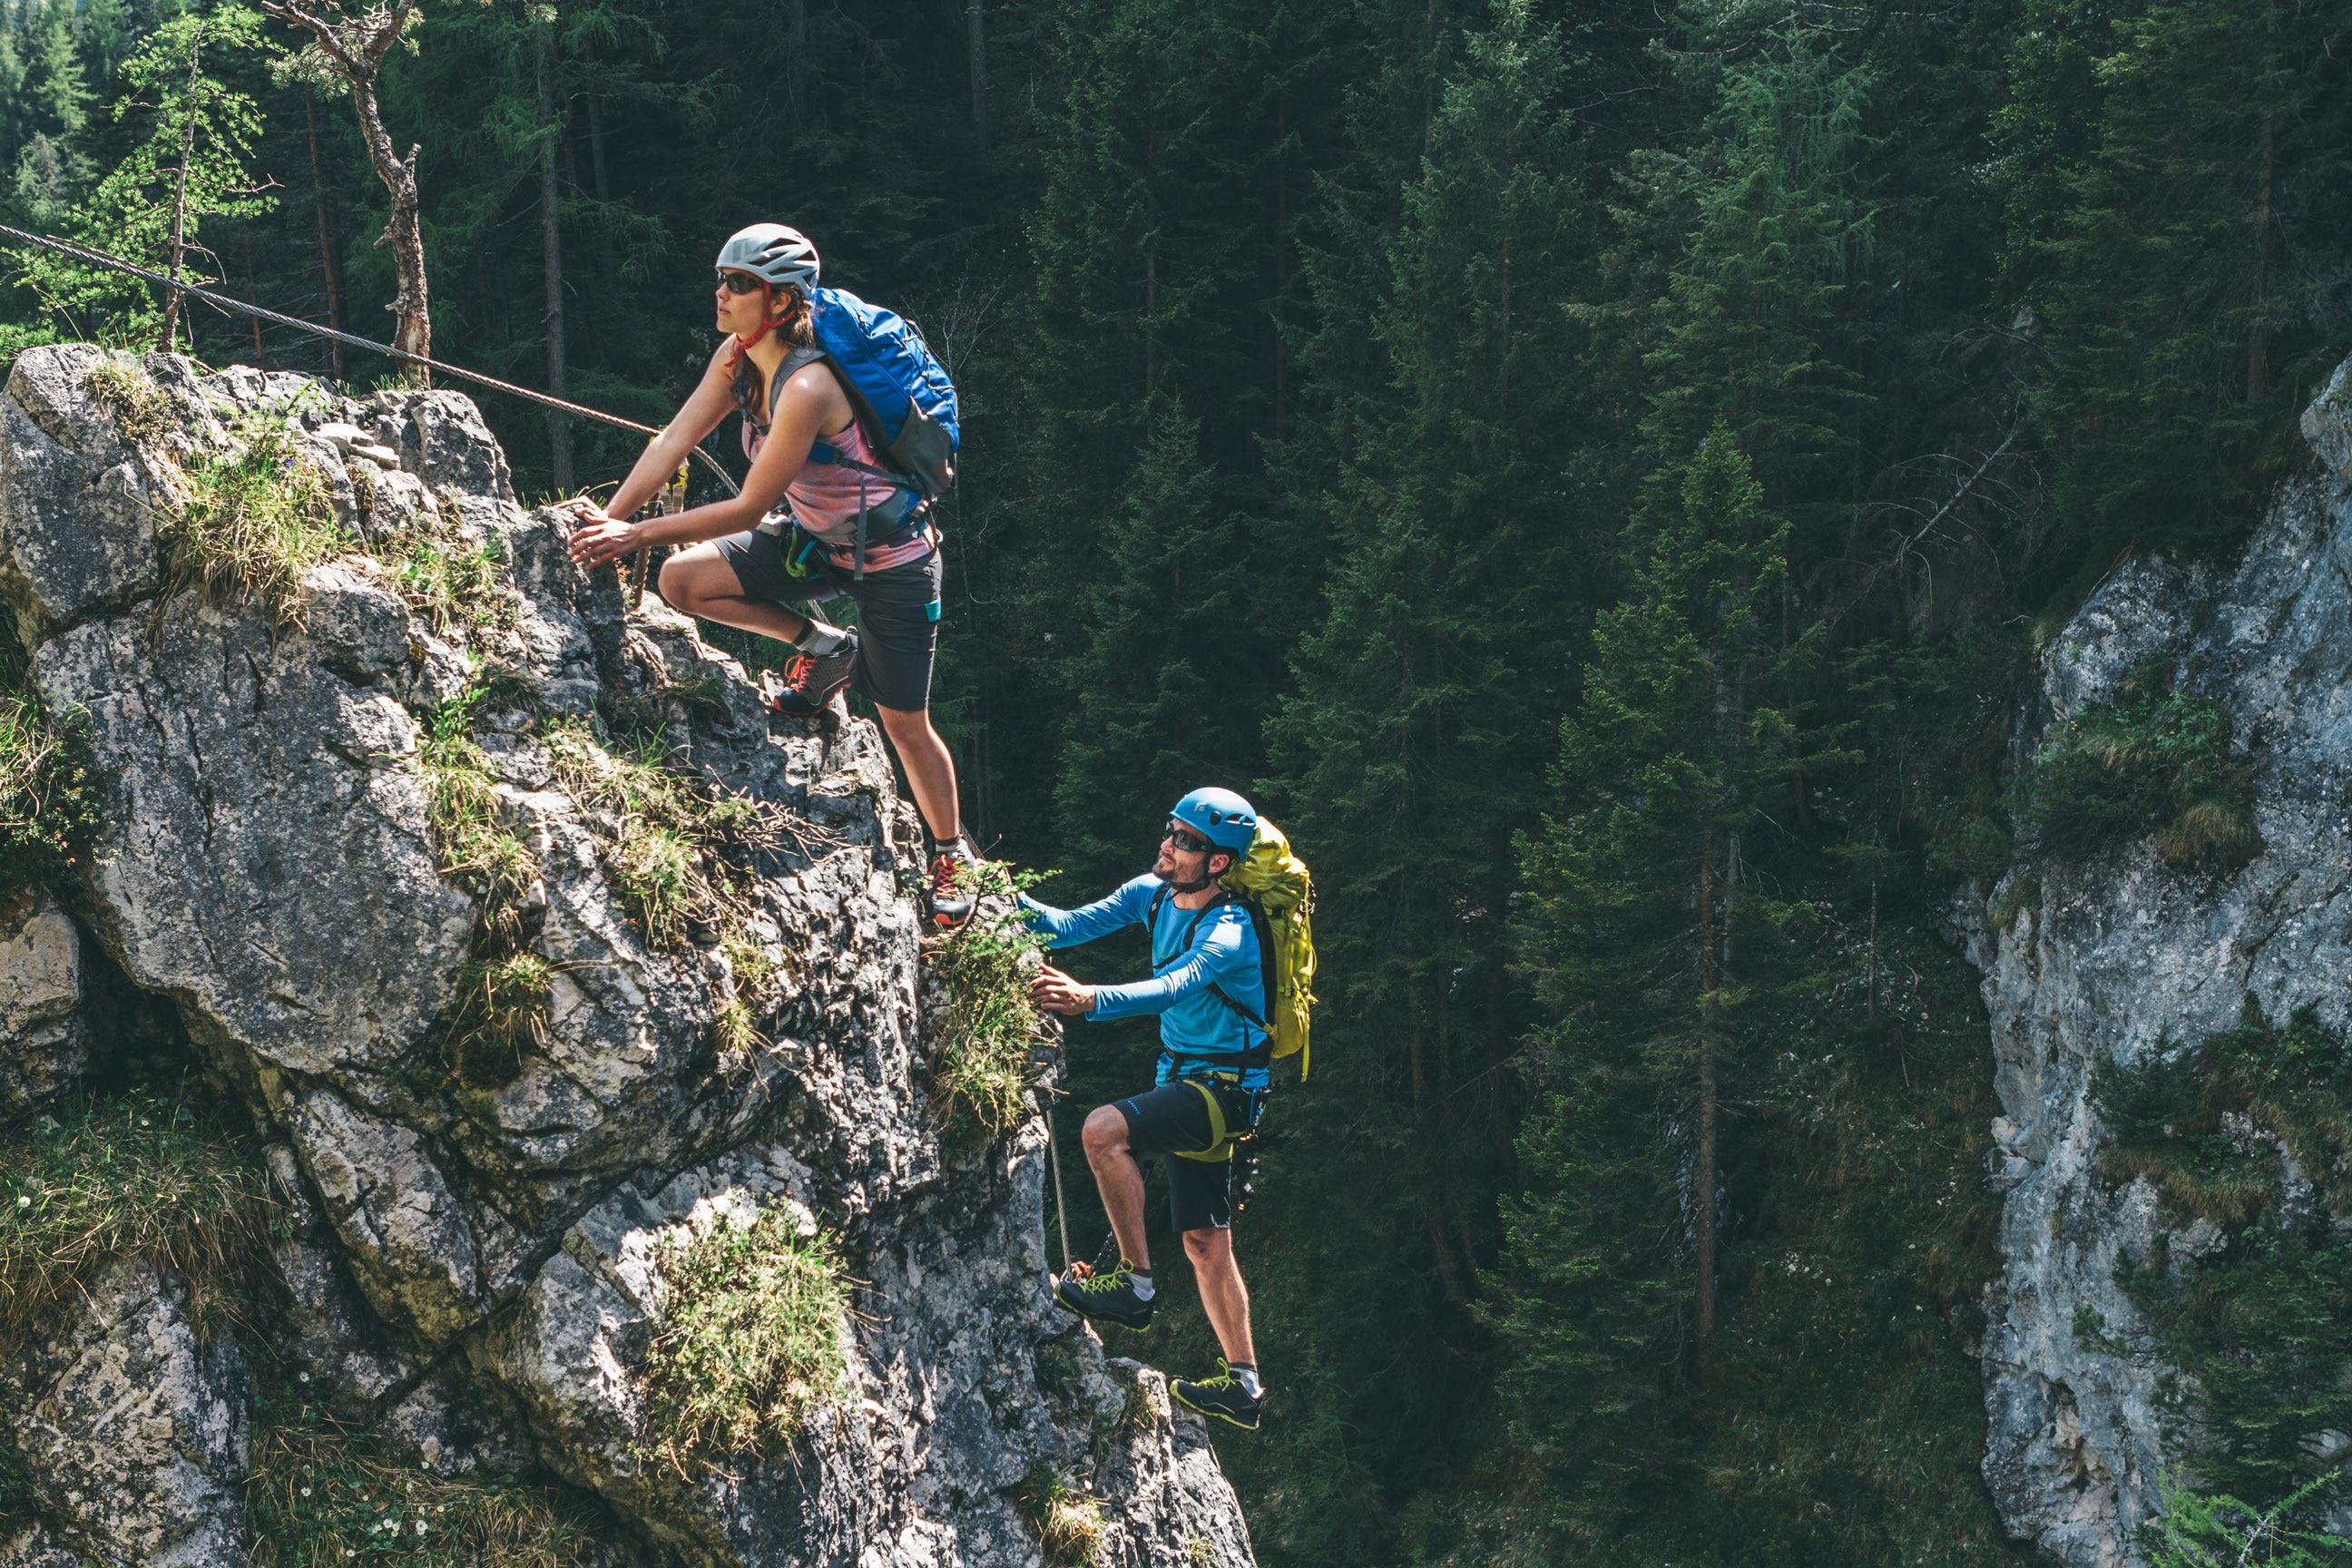 Klettersteig Basel : Gorge alpine klettersteige via ferratas in der region saas fee